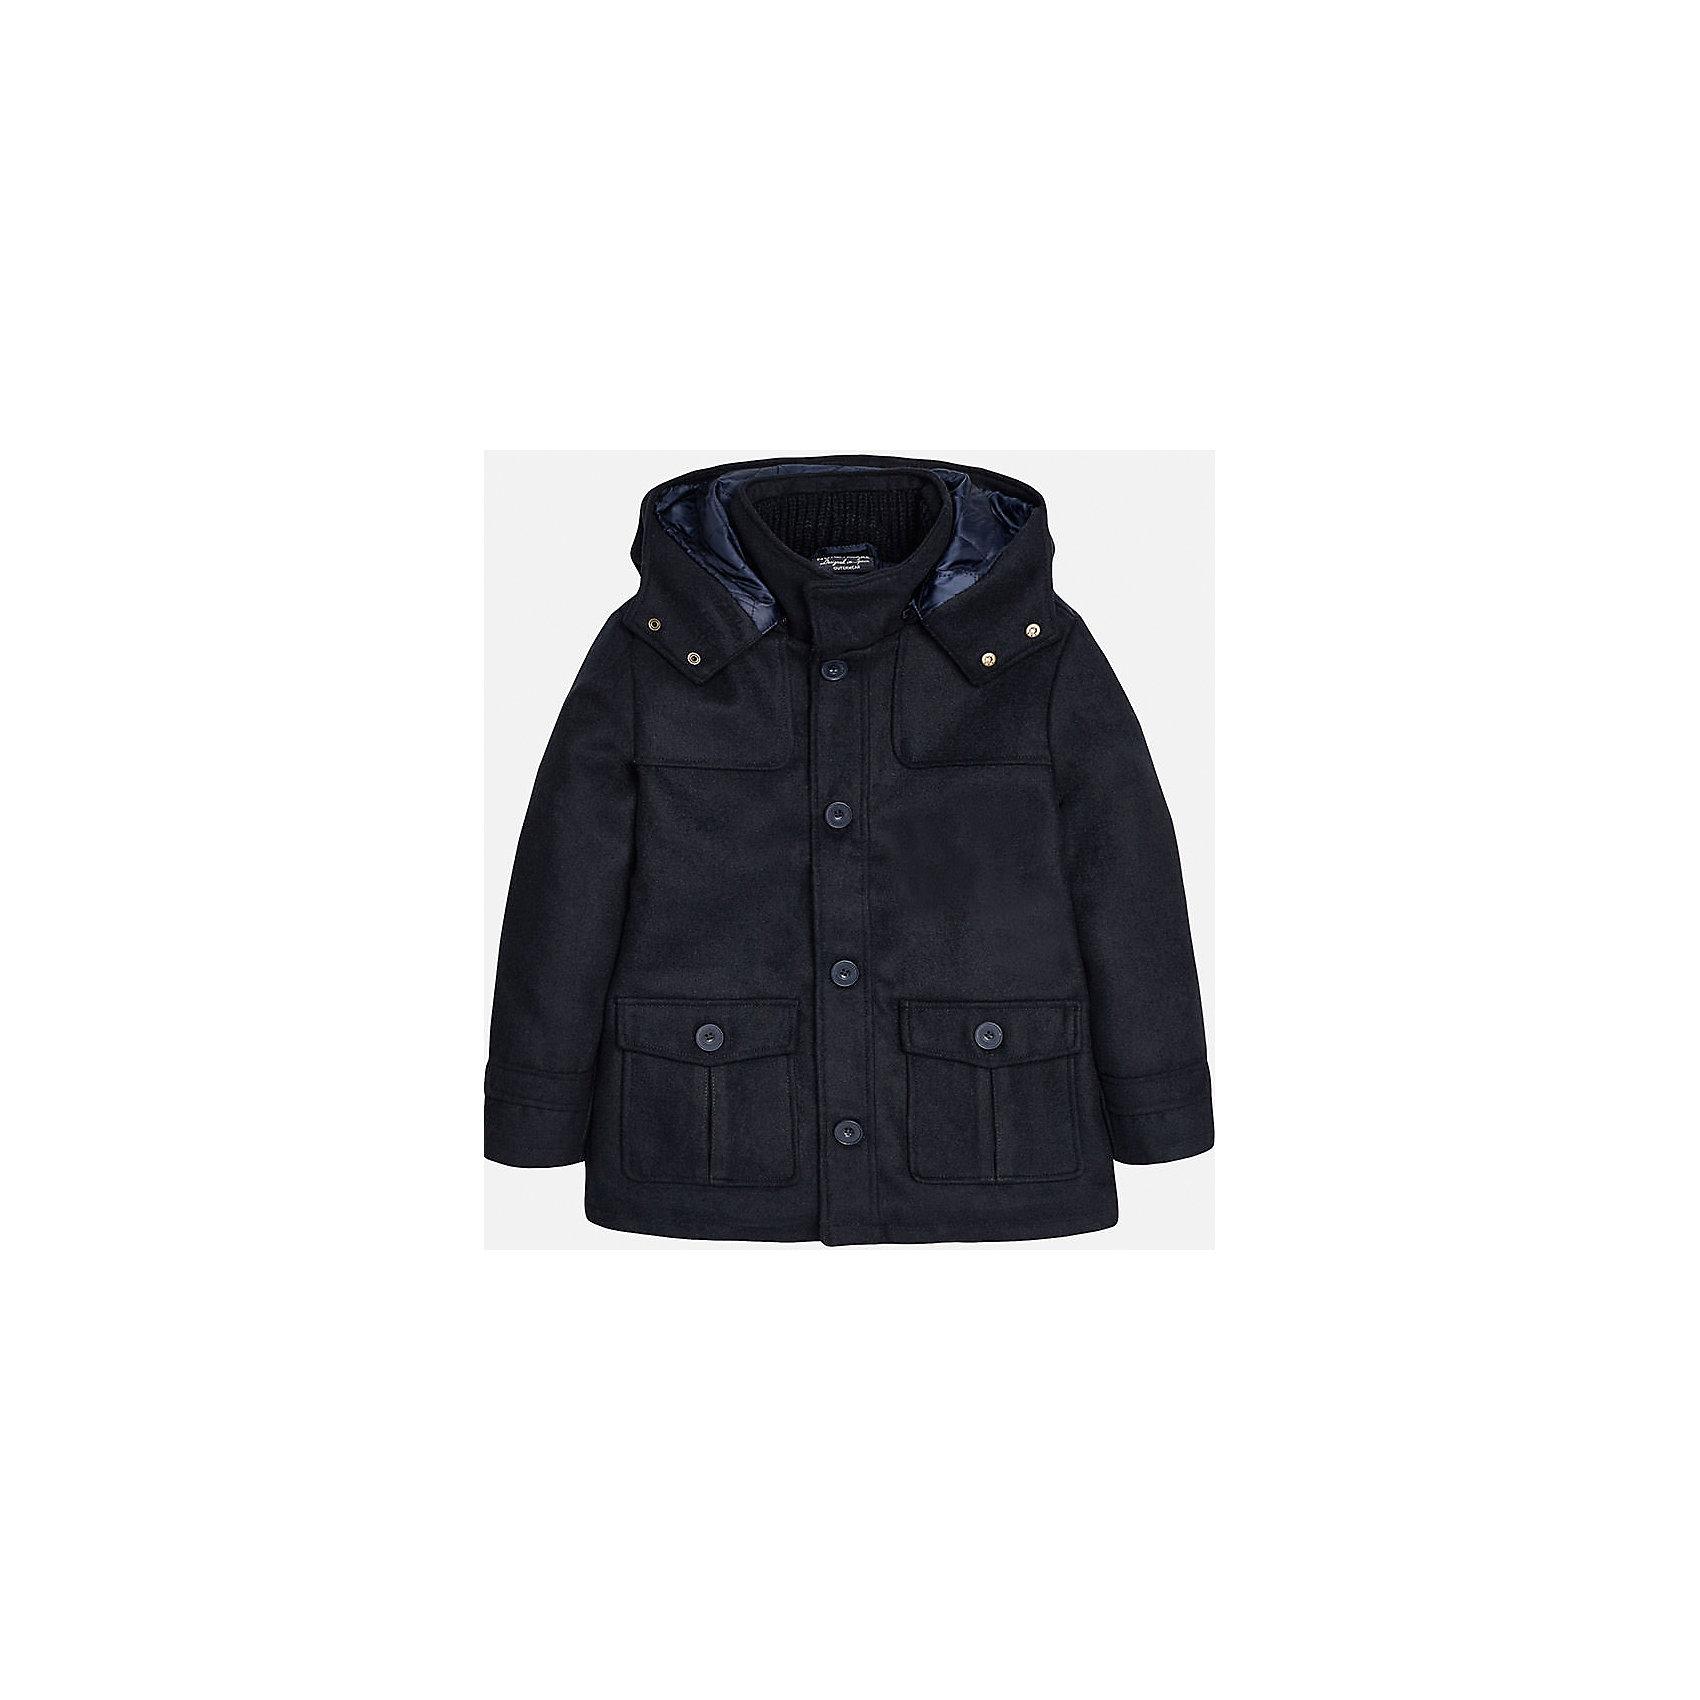 Куртка для мальчика MayoralВерхняя одежда<br>Куртка для мальчика из коллекции осень-зима 2016-2017 известного испанского бренда Mayoral (Майорал). Стильная и удобная куртка придет по вкусу вашему ребенку. Приятный антрацитовый цвет отлично сочетается с дизайном куртки. Куртка застегивается на молнию, а также имеет 4 пуговицы с дизайном бренда, имются два больших кармана.  Эта куртка отлично подойдет к брюкам, а также к джинсам или штанам спортивного стиля.<br><br>Дополнительная информация:<br><br>- Рукав: длинный<br>- Силуэт: расширяющийся к низу<br>Состав: полиэстер 46%, акрил 46%, полиамид 5%, шерсть 3%<br><br>Куртку для мальчиков Mayoral (Майорал) можно купить в нашем интернет-магазине.<br><br>Подробнее:<br>• Для детей в возрасте: от 10 до 16 лет<br>• Номер товара: 4827149<br>Страна производитель: Китай<br><br>Ширина мм: 356<br>Глубина мм: 10<br>Высота мм: 245<br>Вес г: 519<br>Цвет: синий<br>Возраст от месяцев: 96<br>Возраст до месяцев: 108<br>Пол: Мужской<br>Возраст: Детский<br>Размер: 128/134,146/152,140/146,152/158,158/164,164/170<br>SKU: 4827148